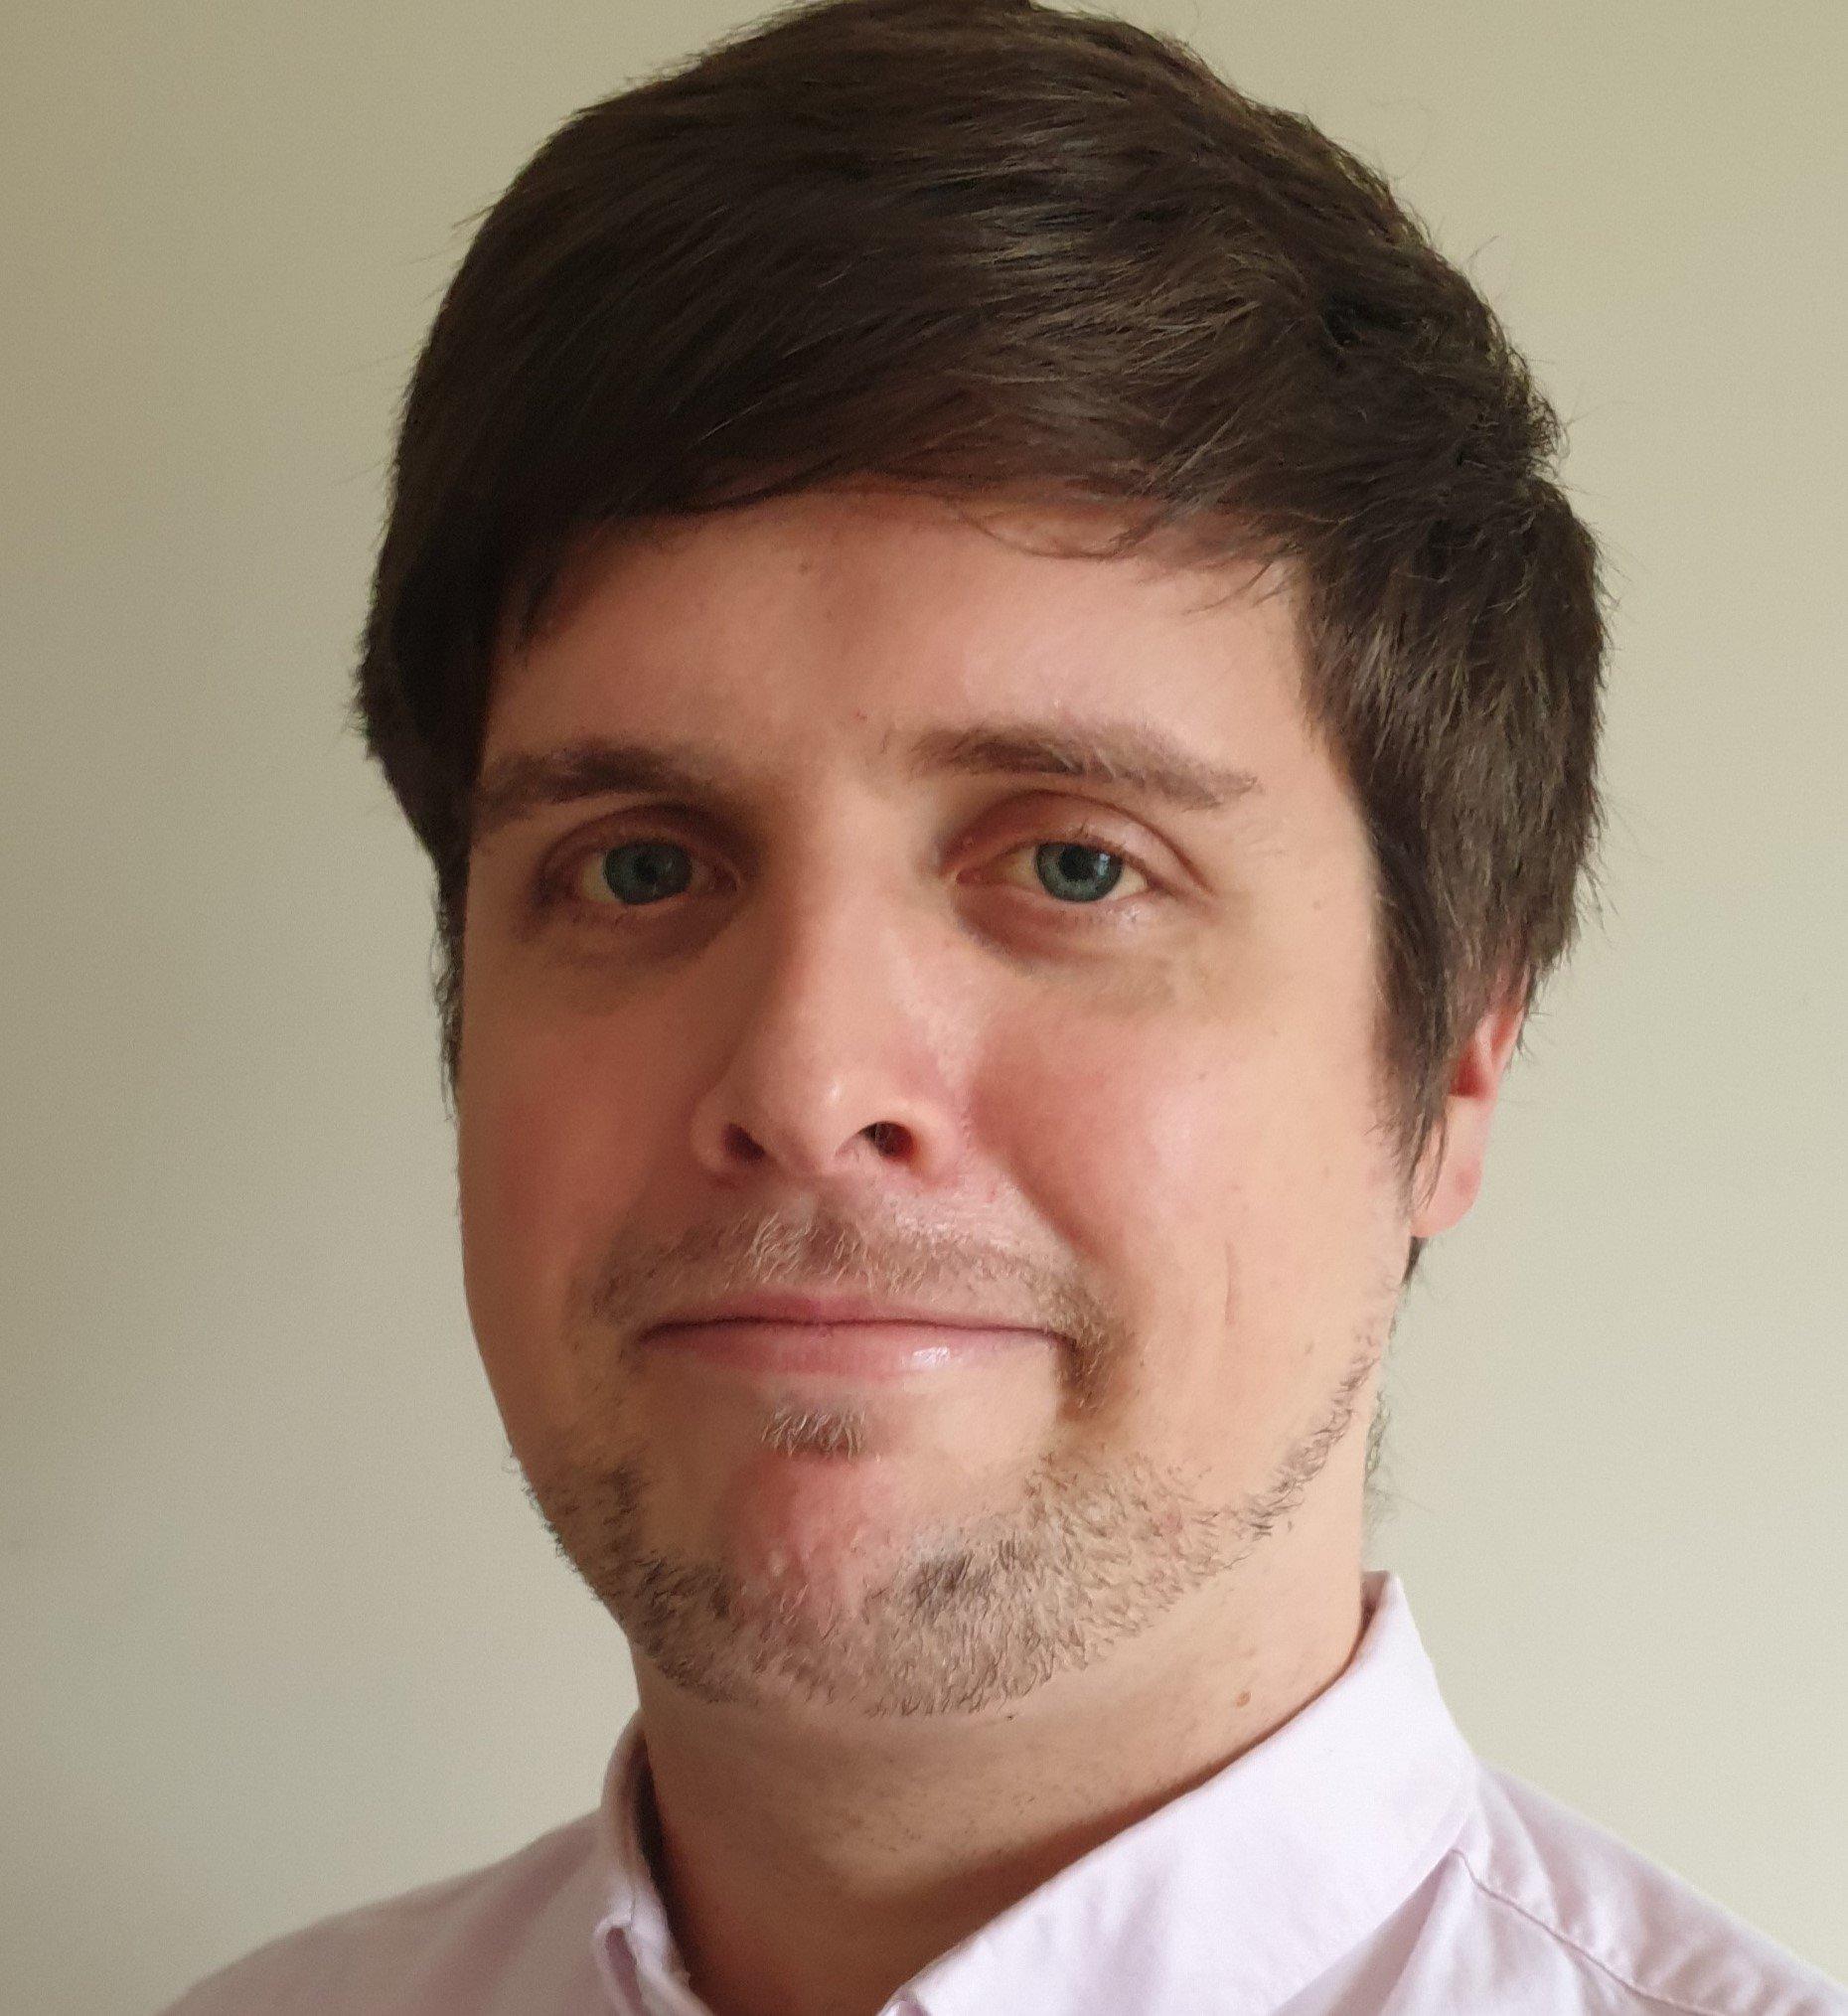 Profile picture of Adam Jones